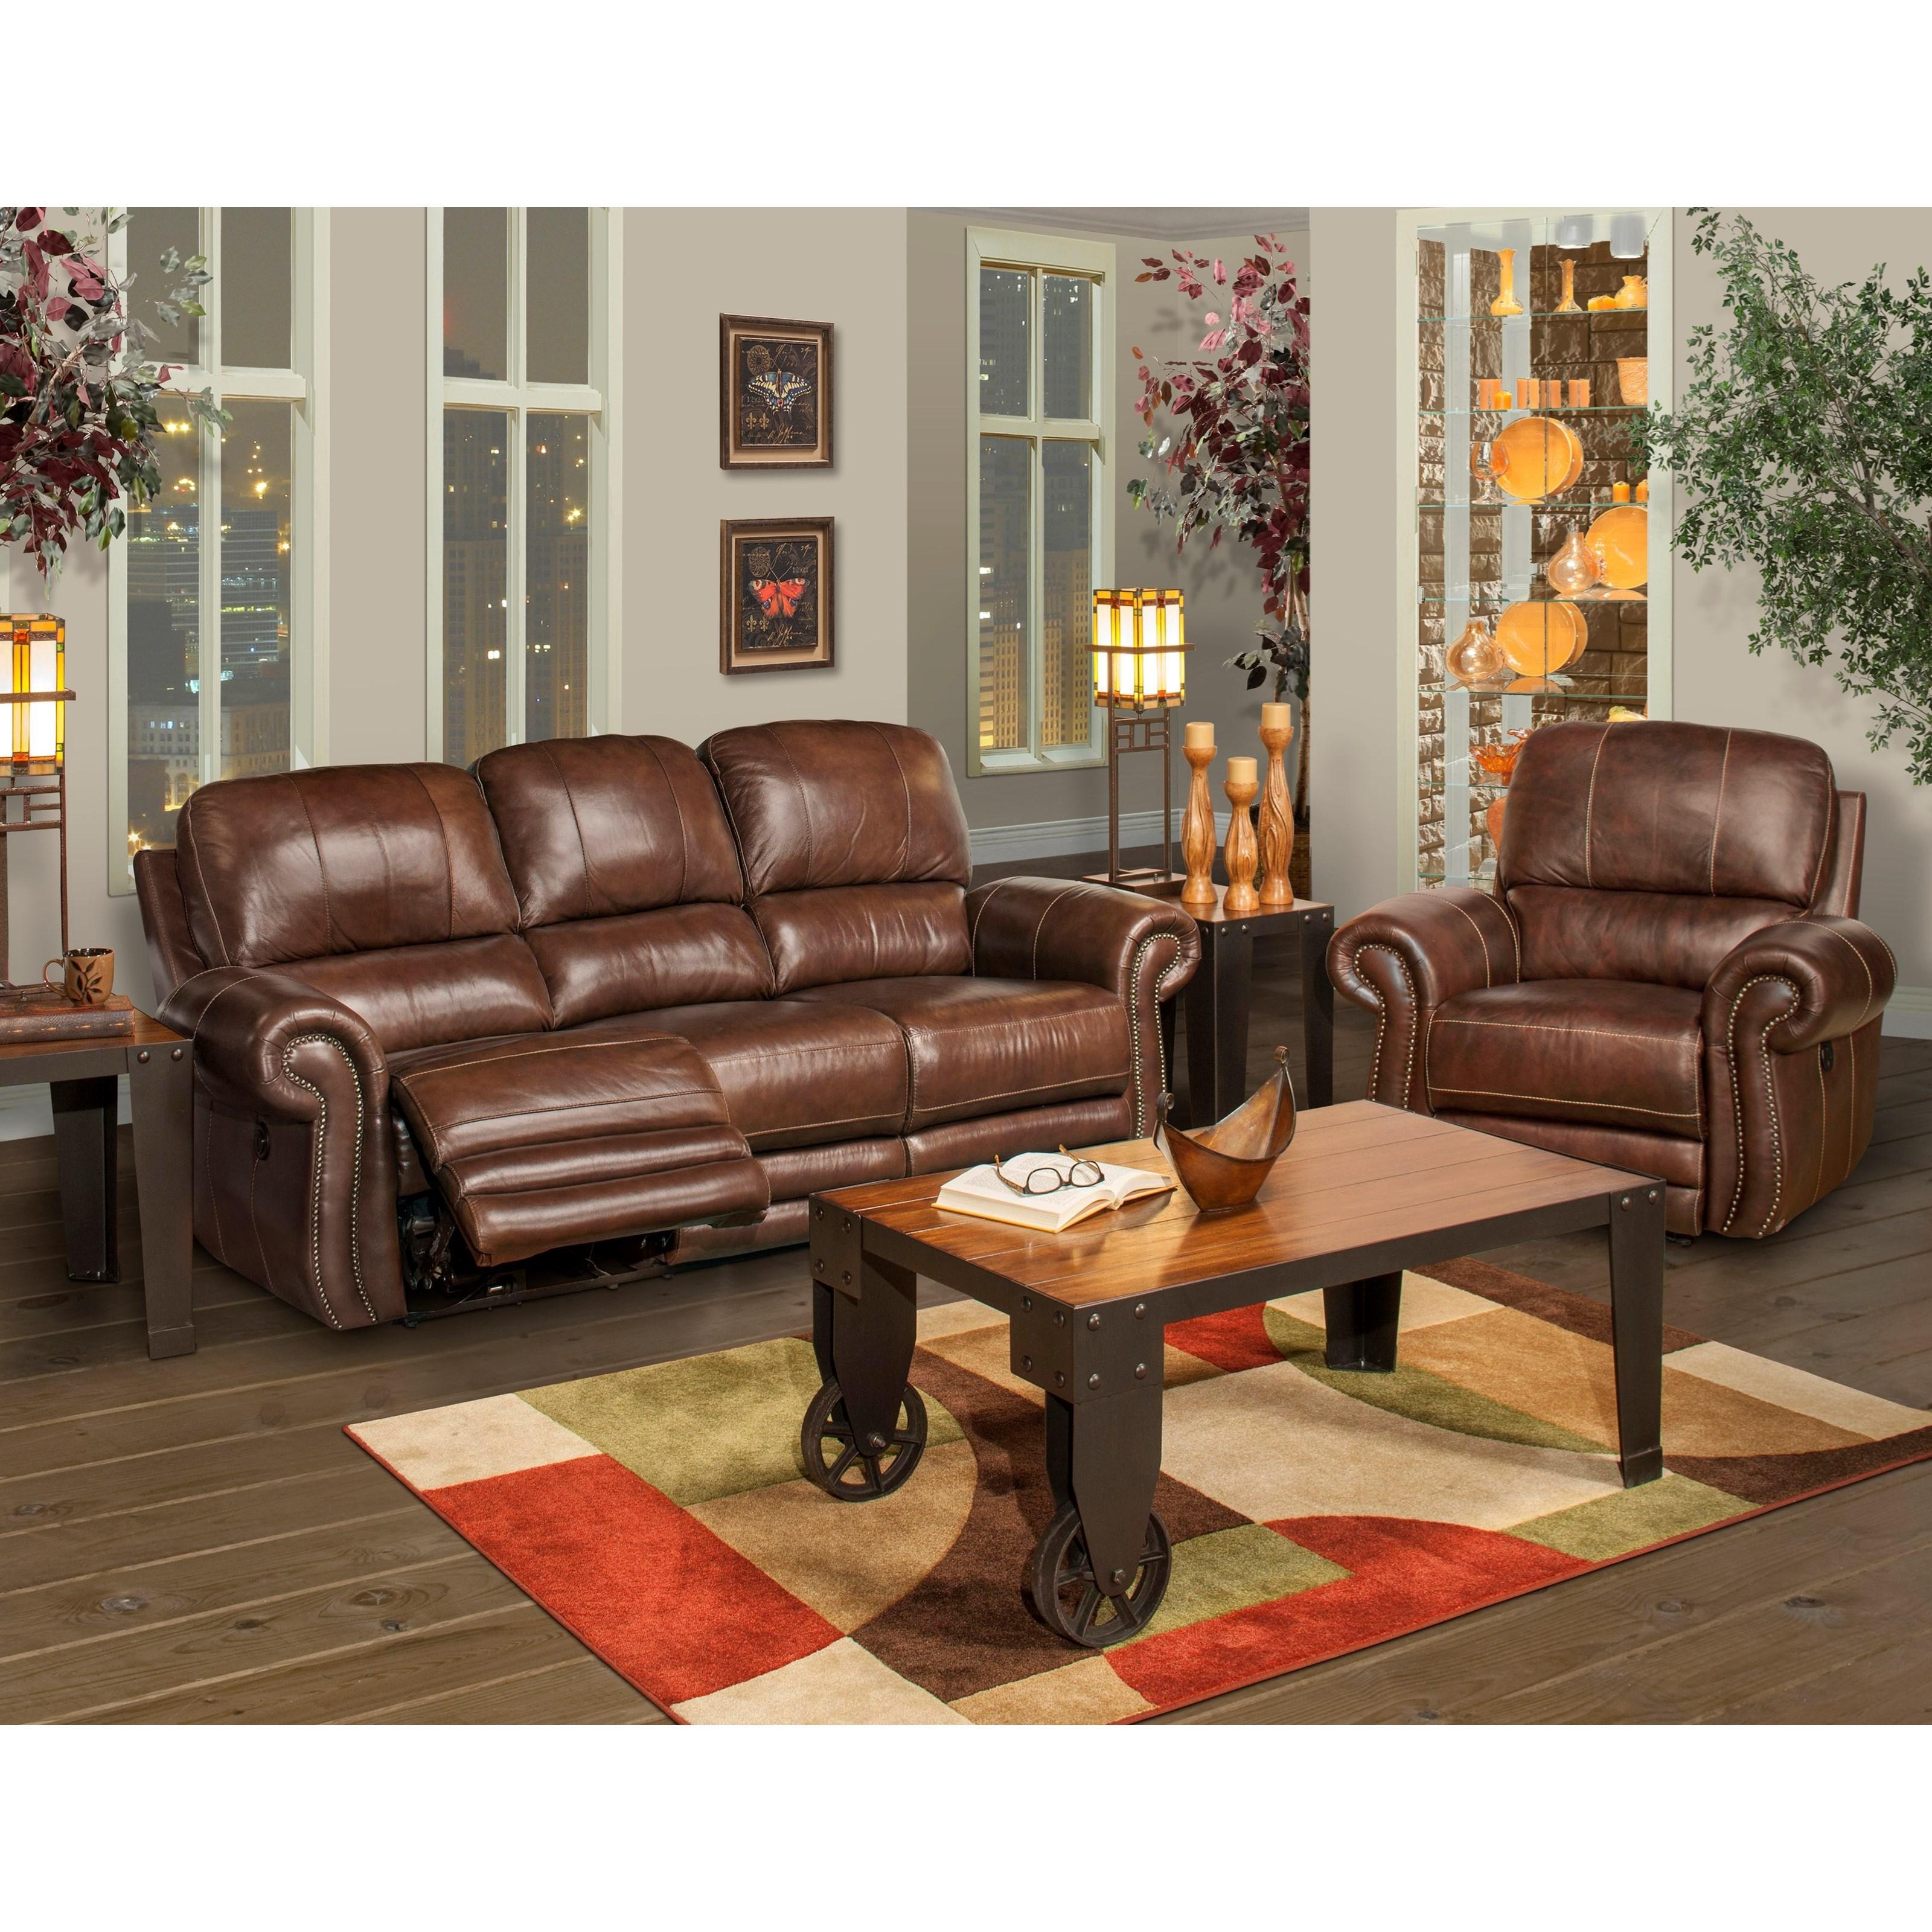 ... New Classic RossiDual Recliner Sofa